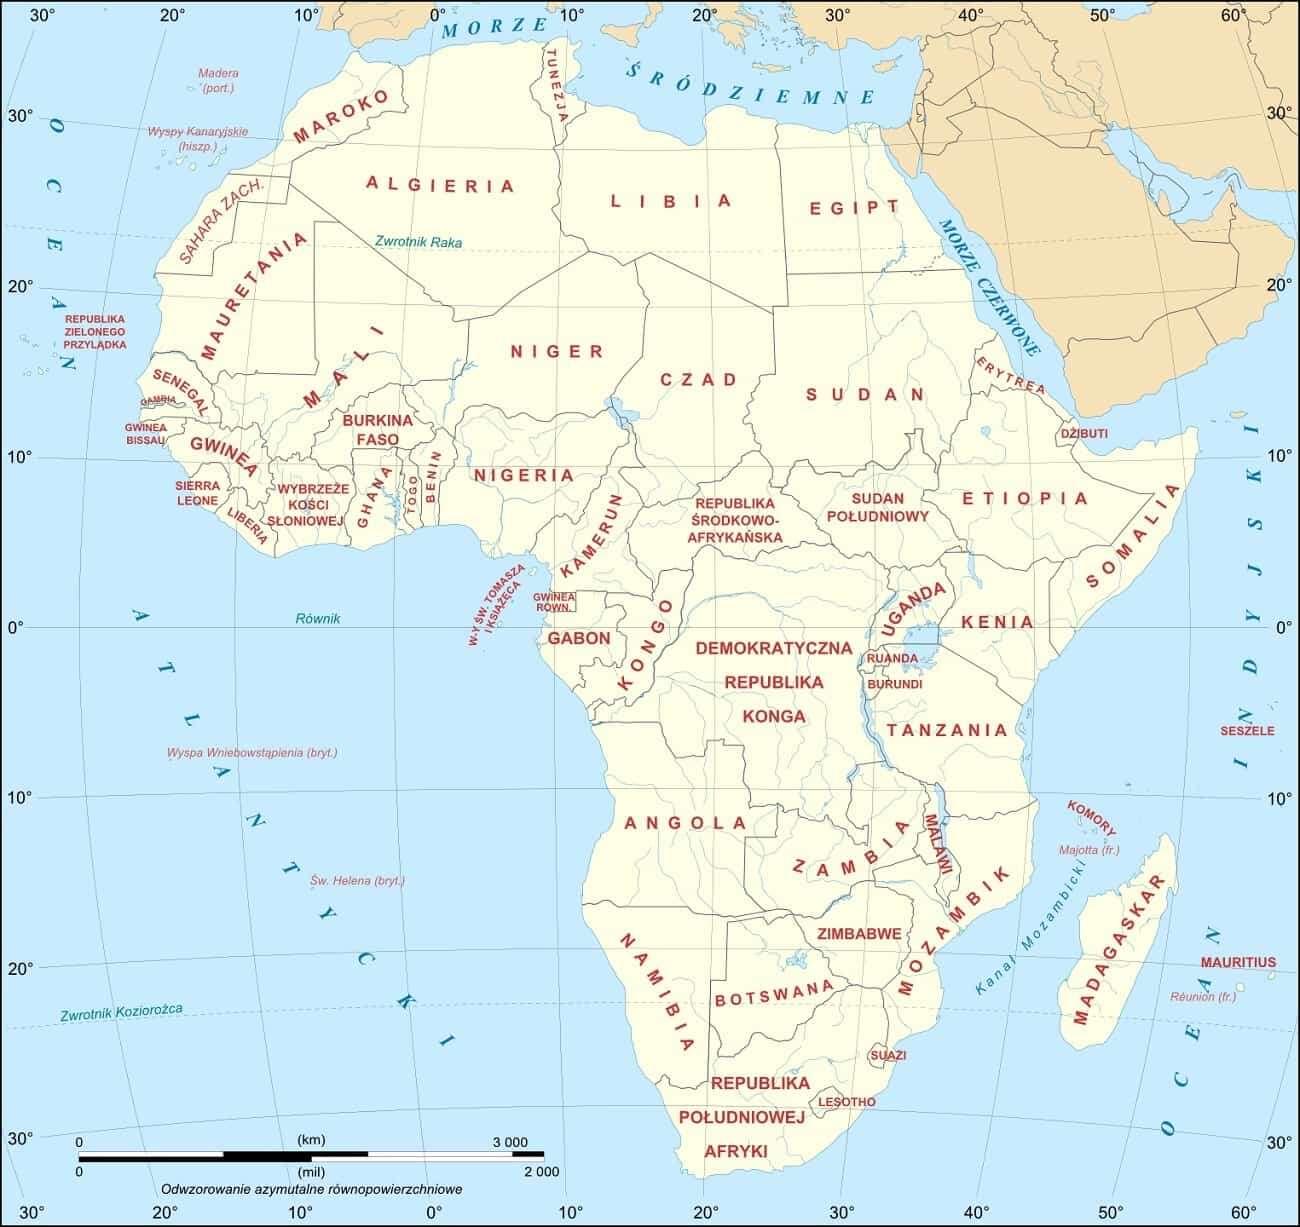 Afryka zostanie podzielona na dwie części. Kiedy się to stanie?